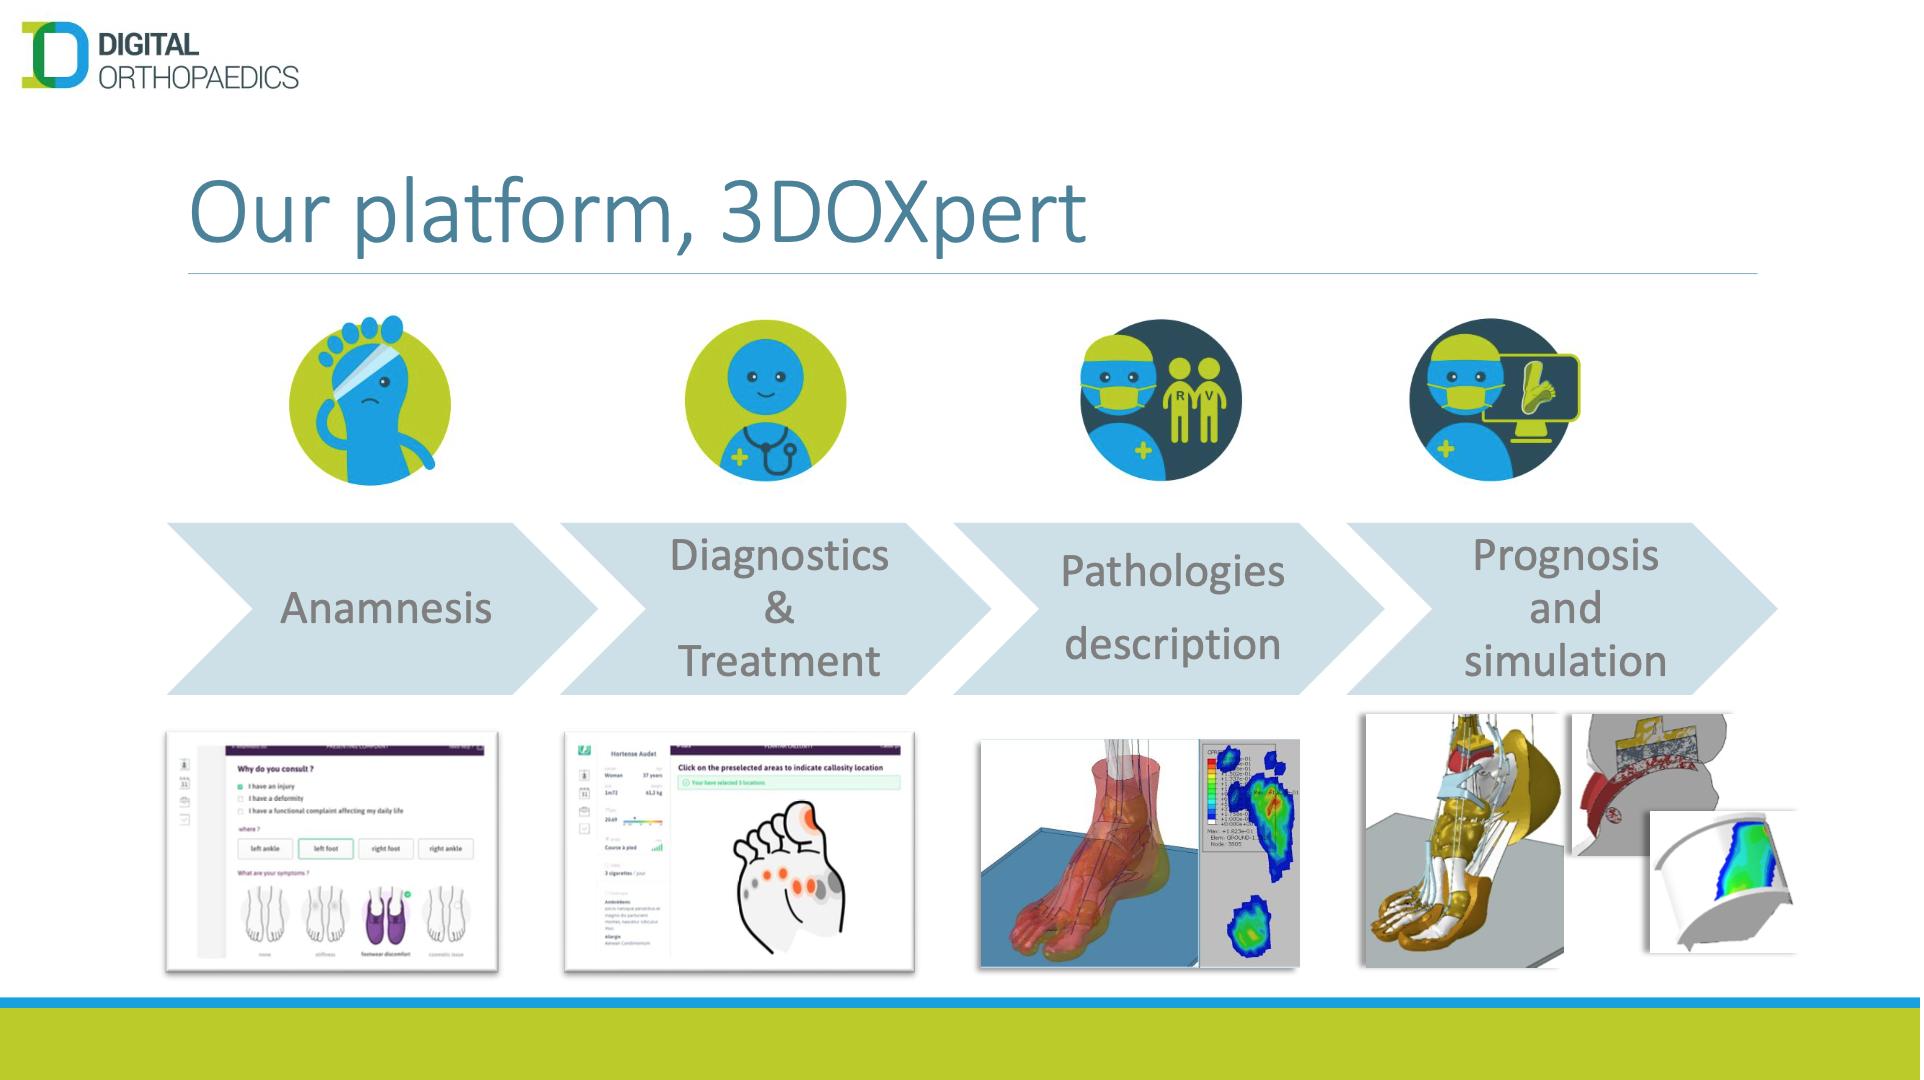 digital_orthopaedics_3doxpert_platform